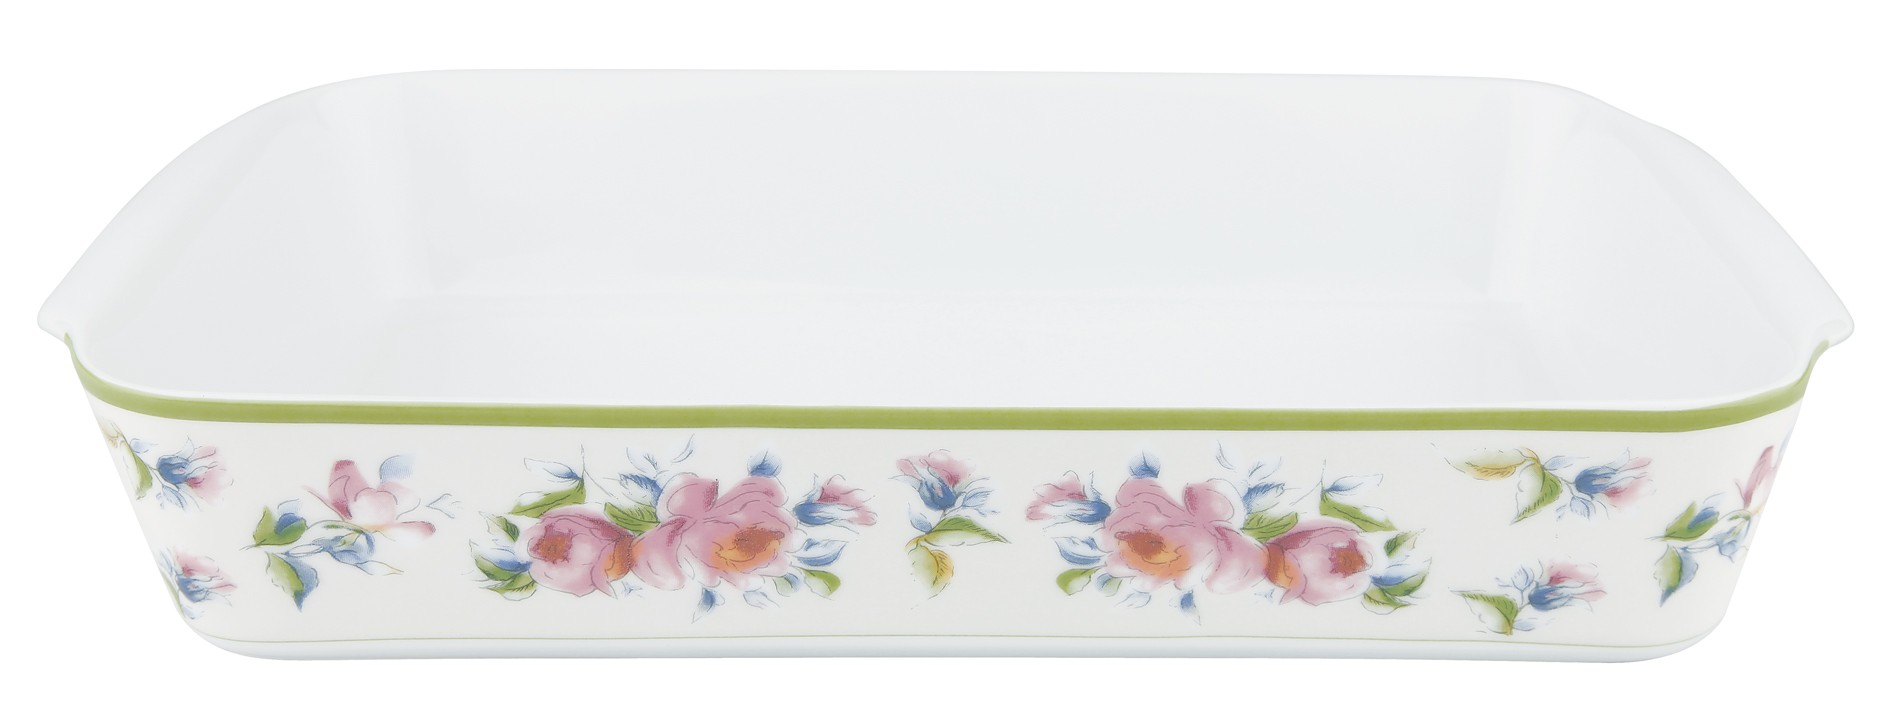 Ταψί Πυρίμαχο Romantica Παραλληλόγραμμο Ionia 36cm home   σκευη μαγειρικης   πυρίμαχα